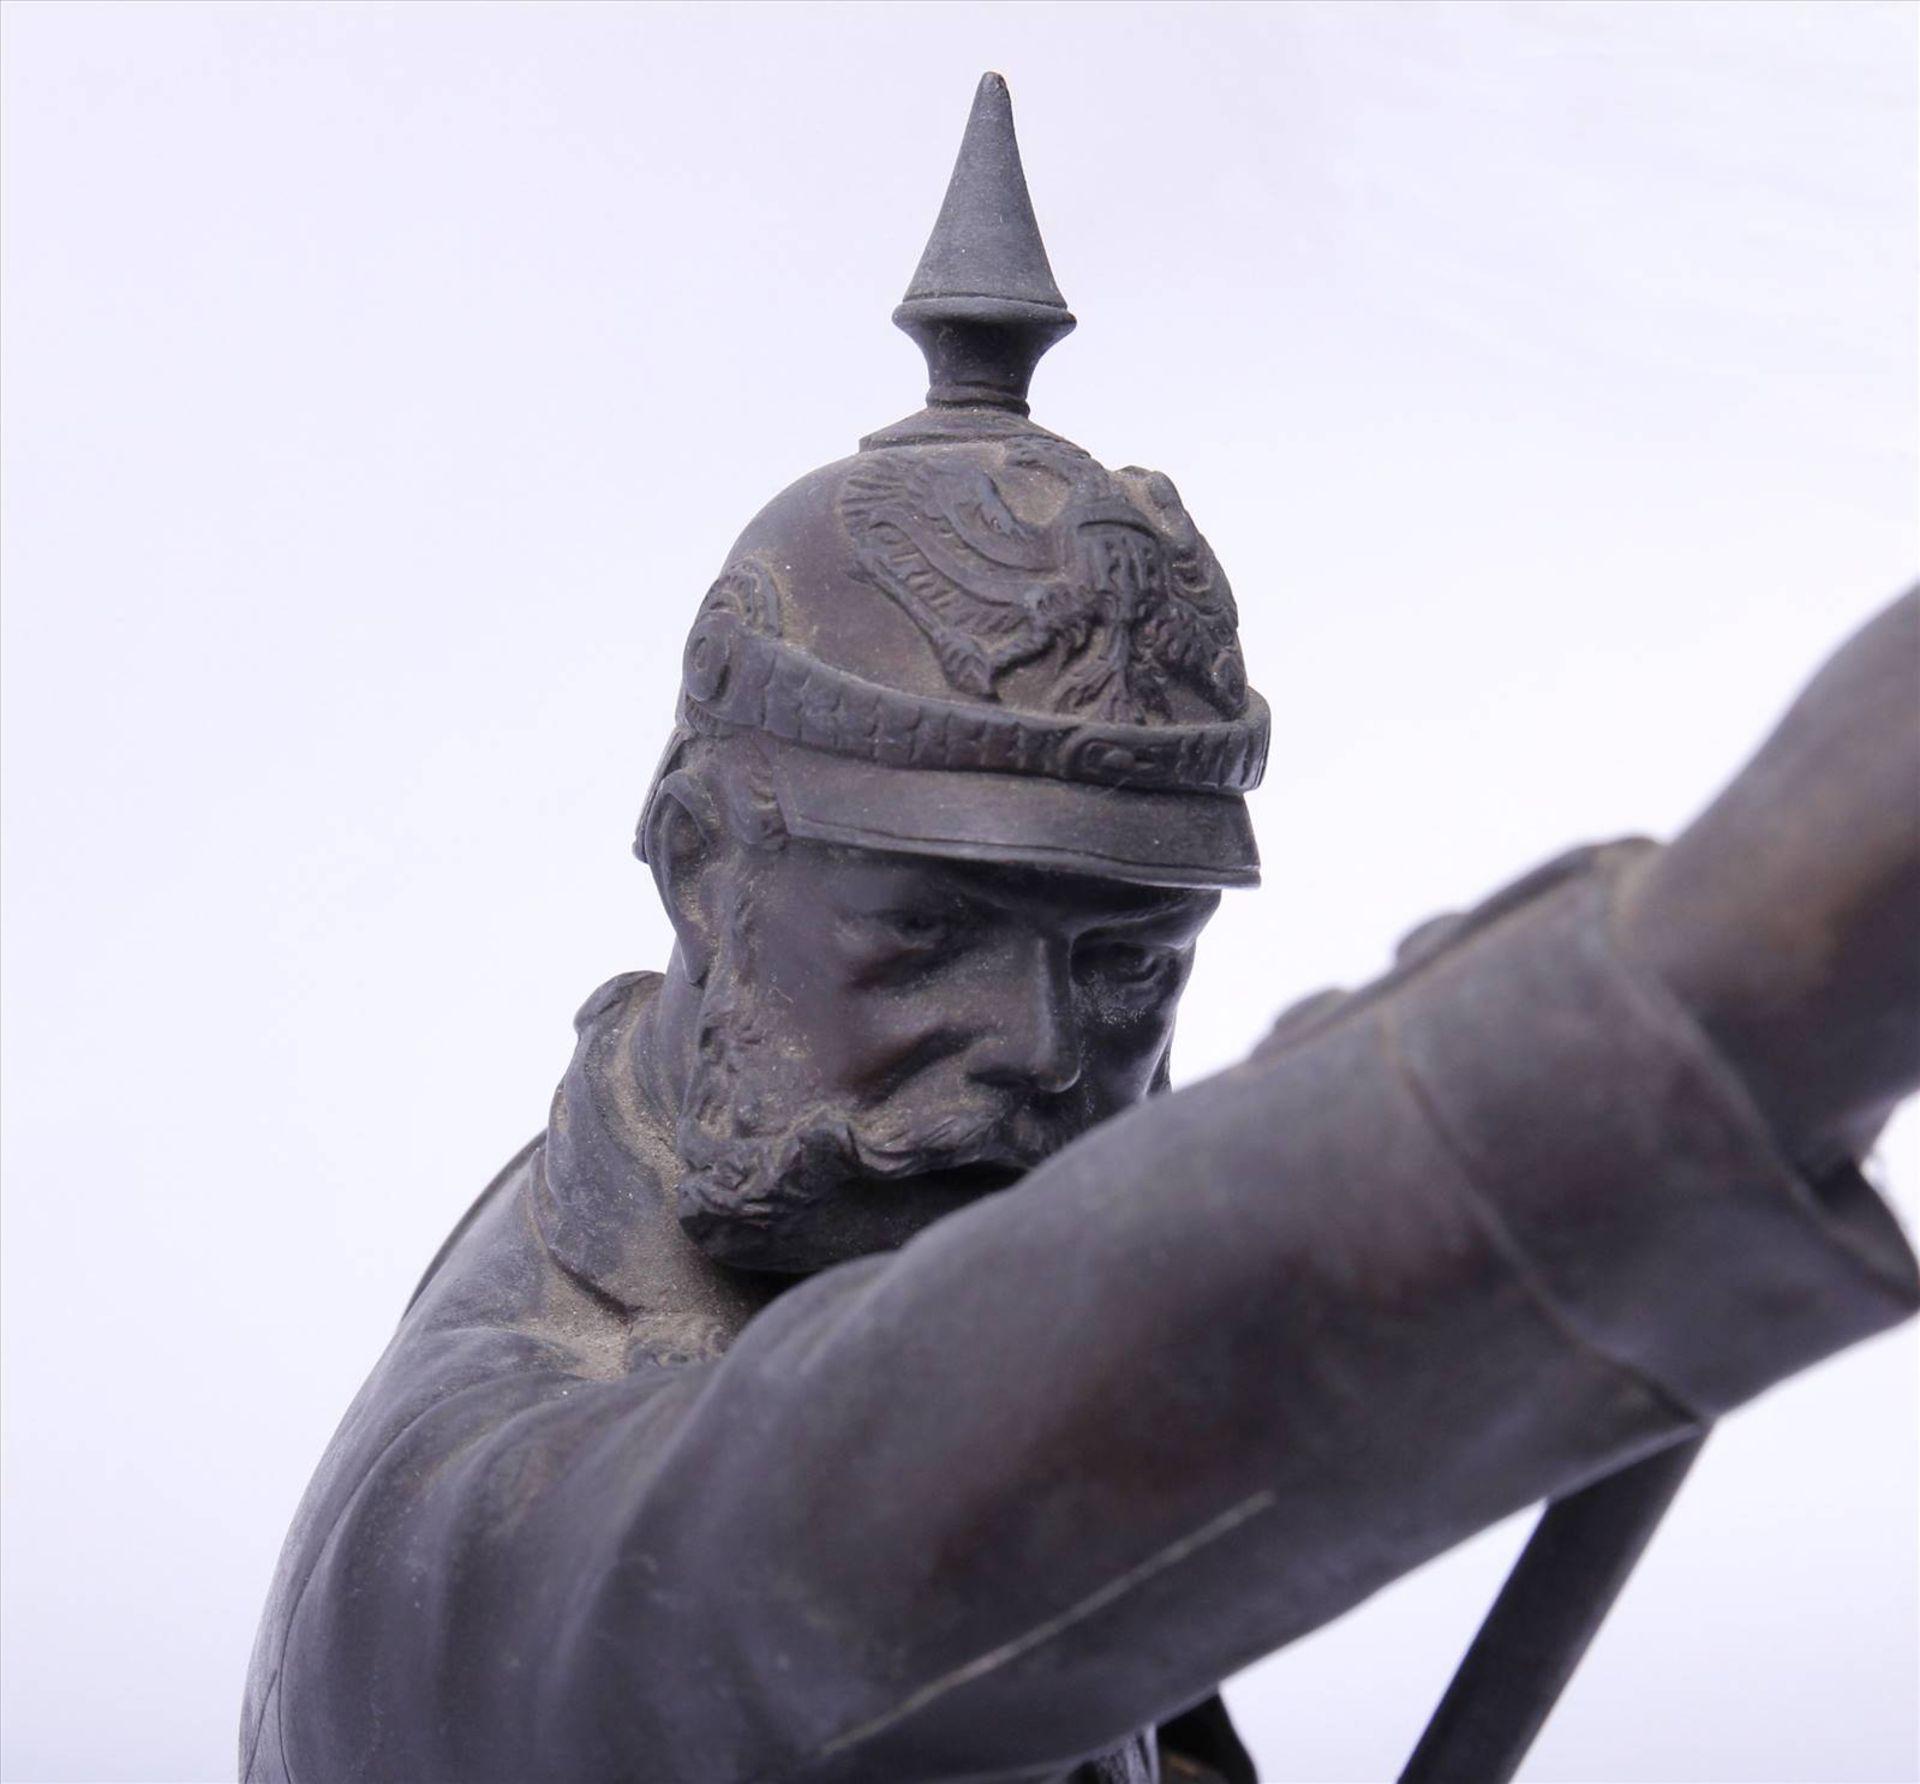 Figürlicher Grauguß, bronziert, Soldat des 1. Weltkriegs mit Pickelhaube, in der rechten Hand - Bild 2 aus 9